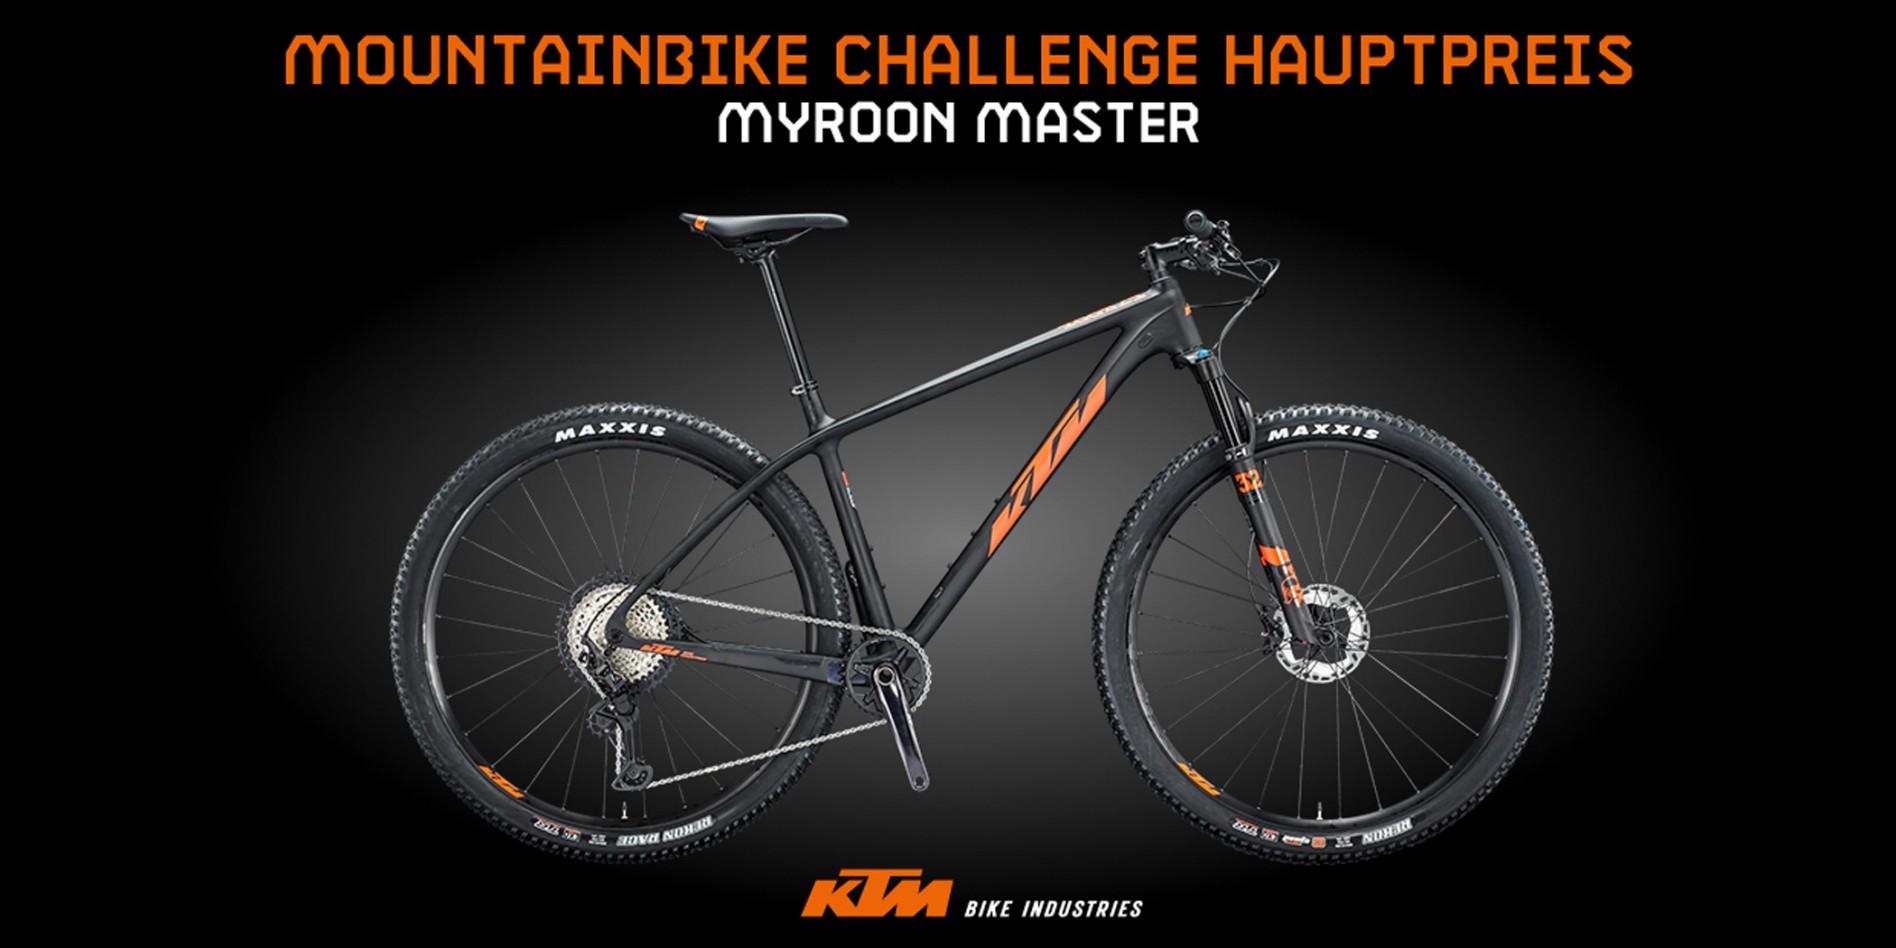 Challenge Hauptpreis 2020 KTM Myroon Master